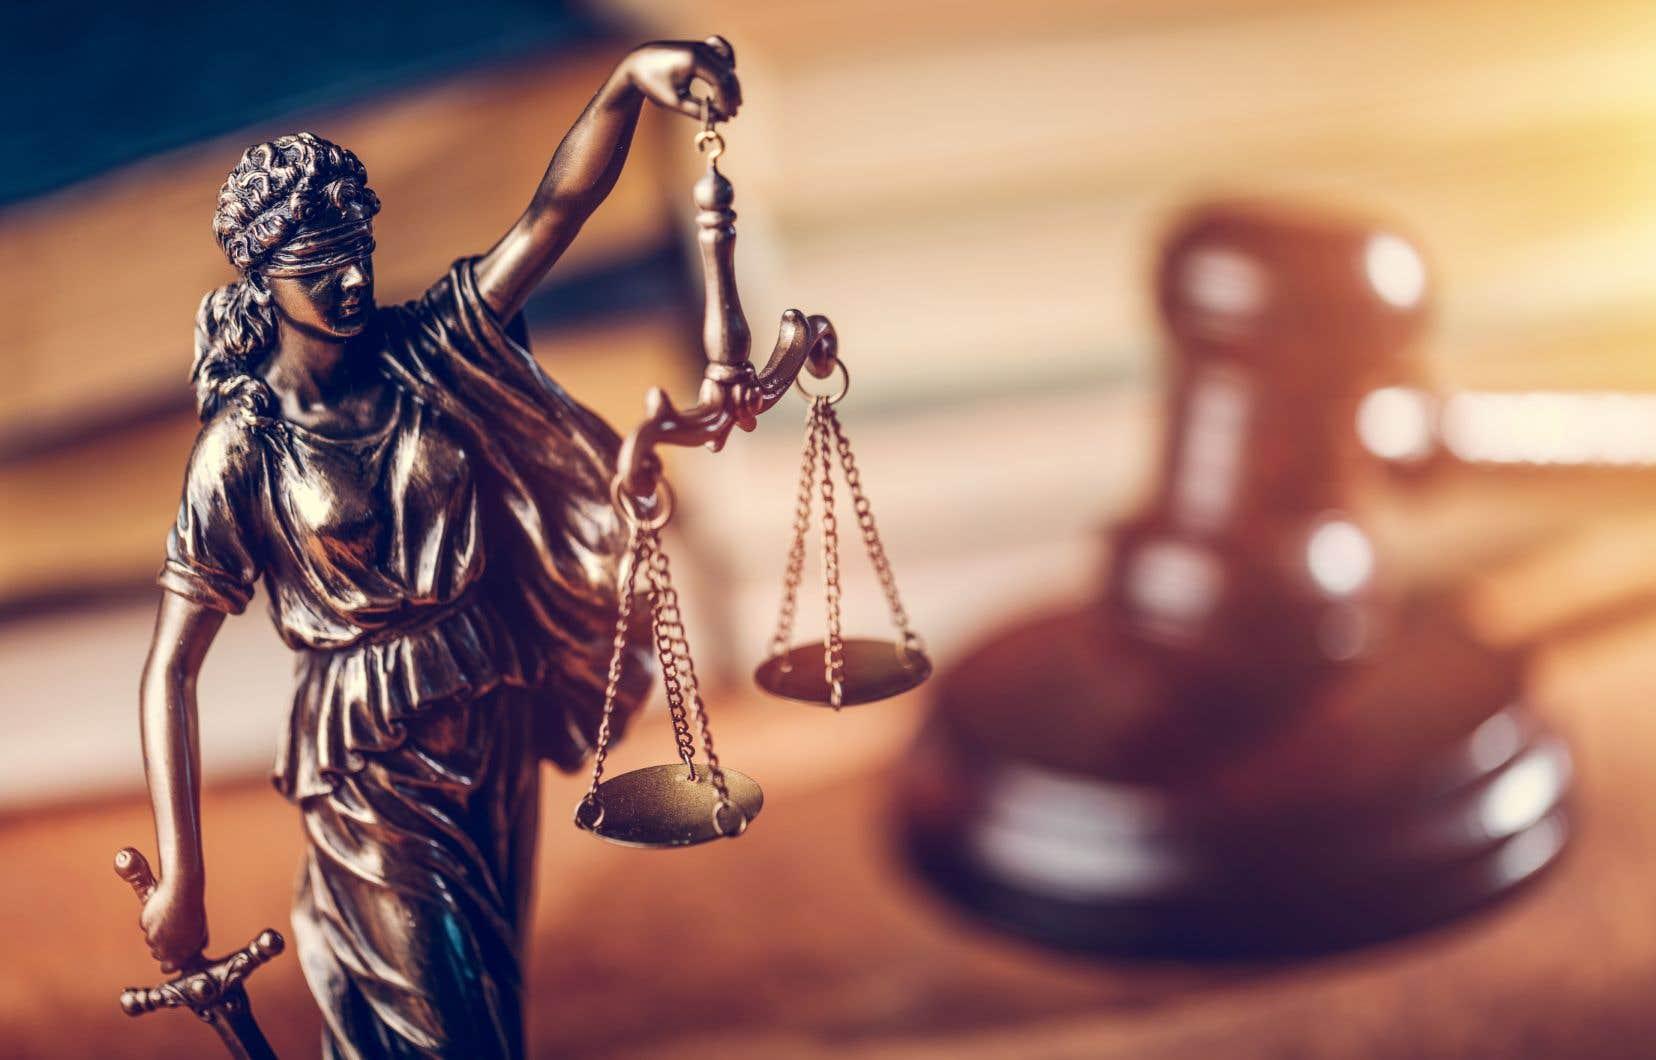 «Si l'État viole trop souvent le droit constitutionnel d'obtenir un procès dans des délais raisonnables, c'est à l'État qu'il faut demander des comptes», croit l'auteur.